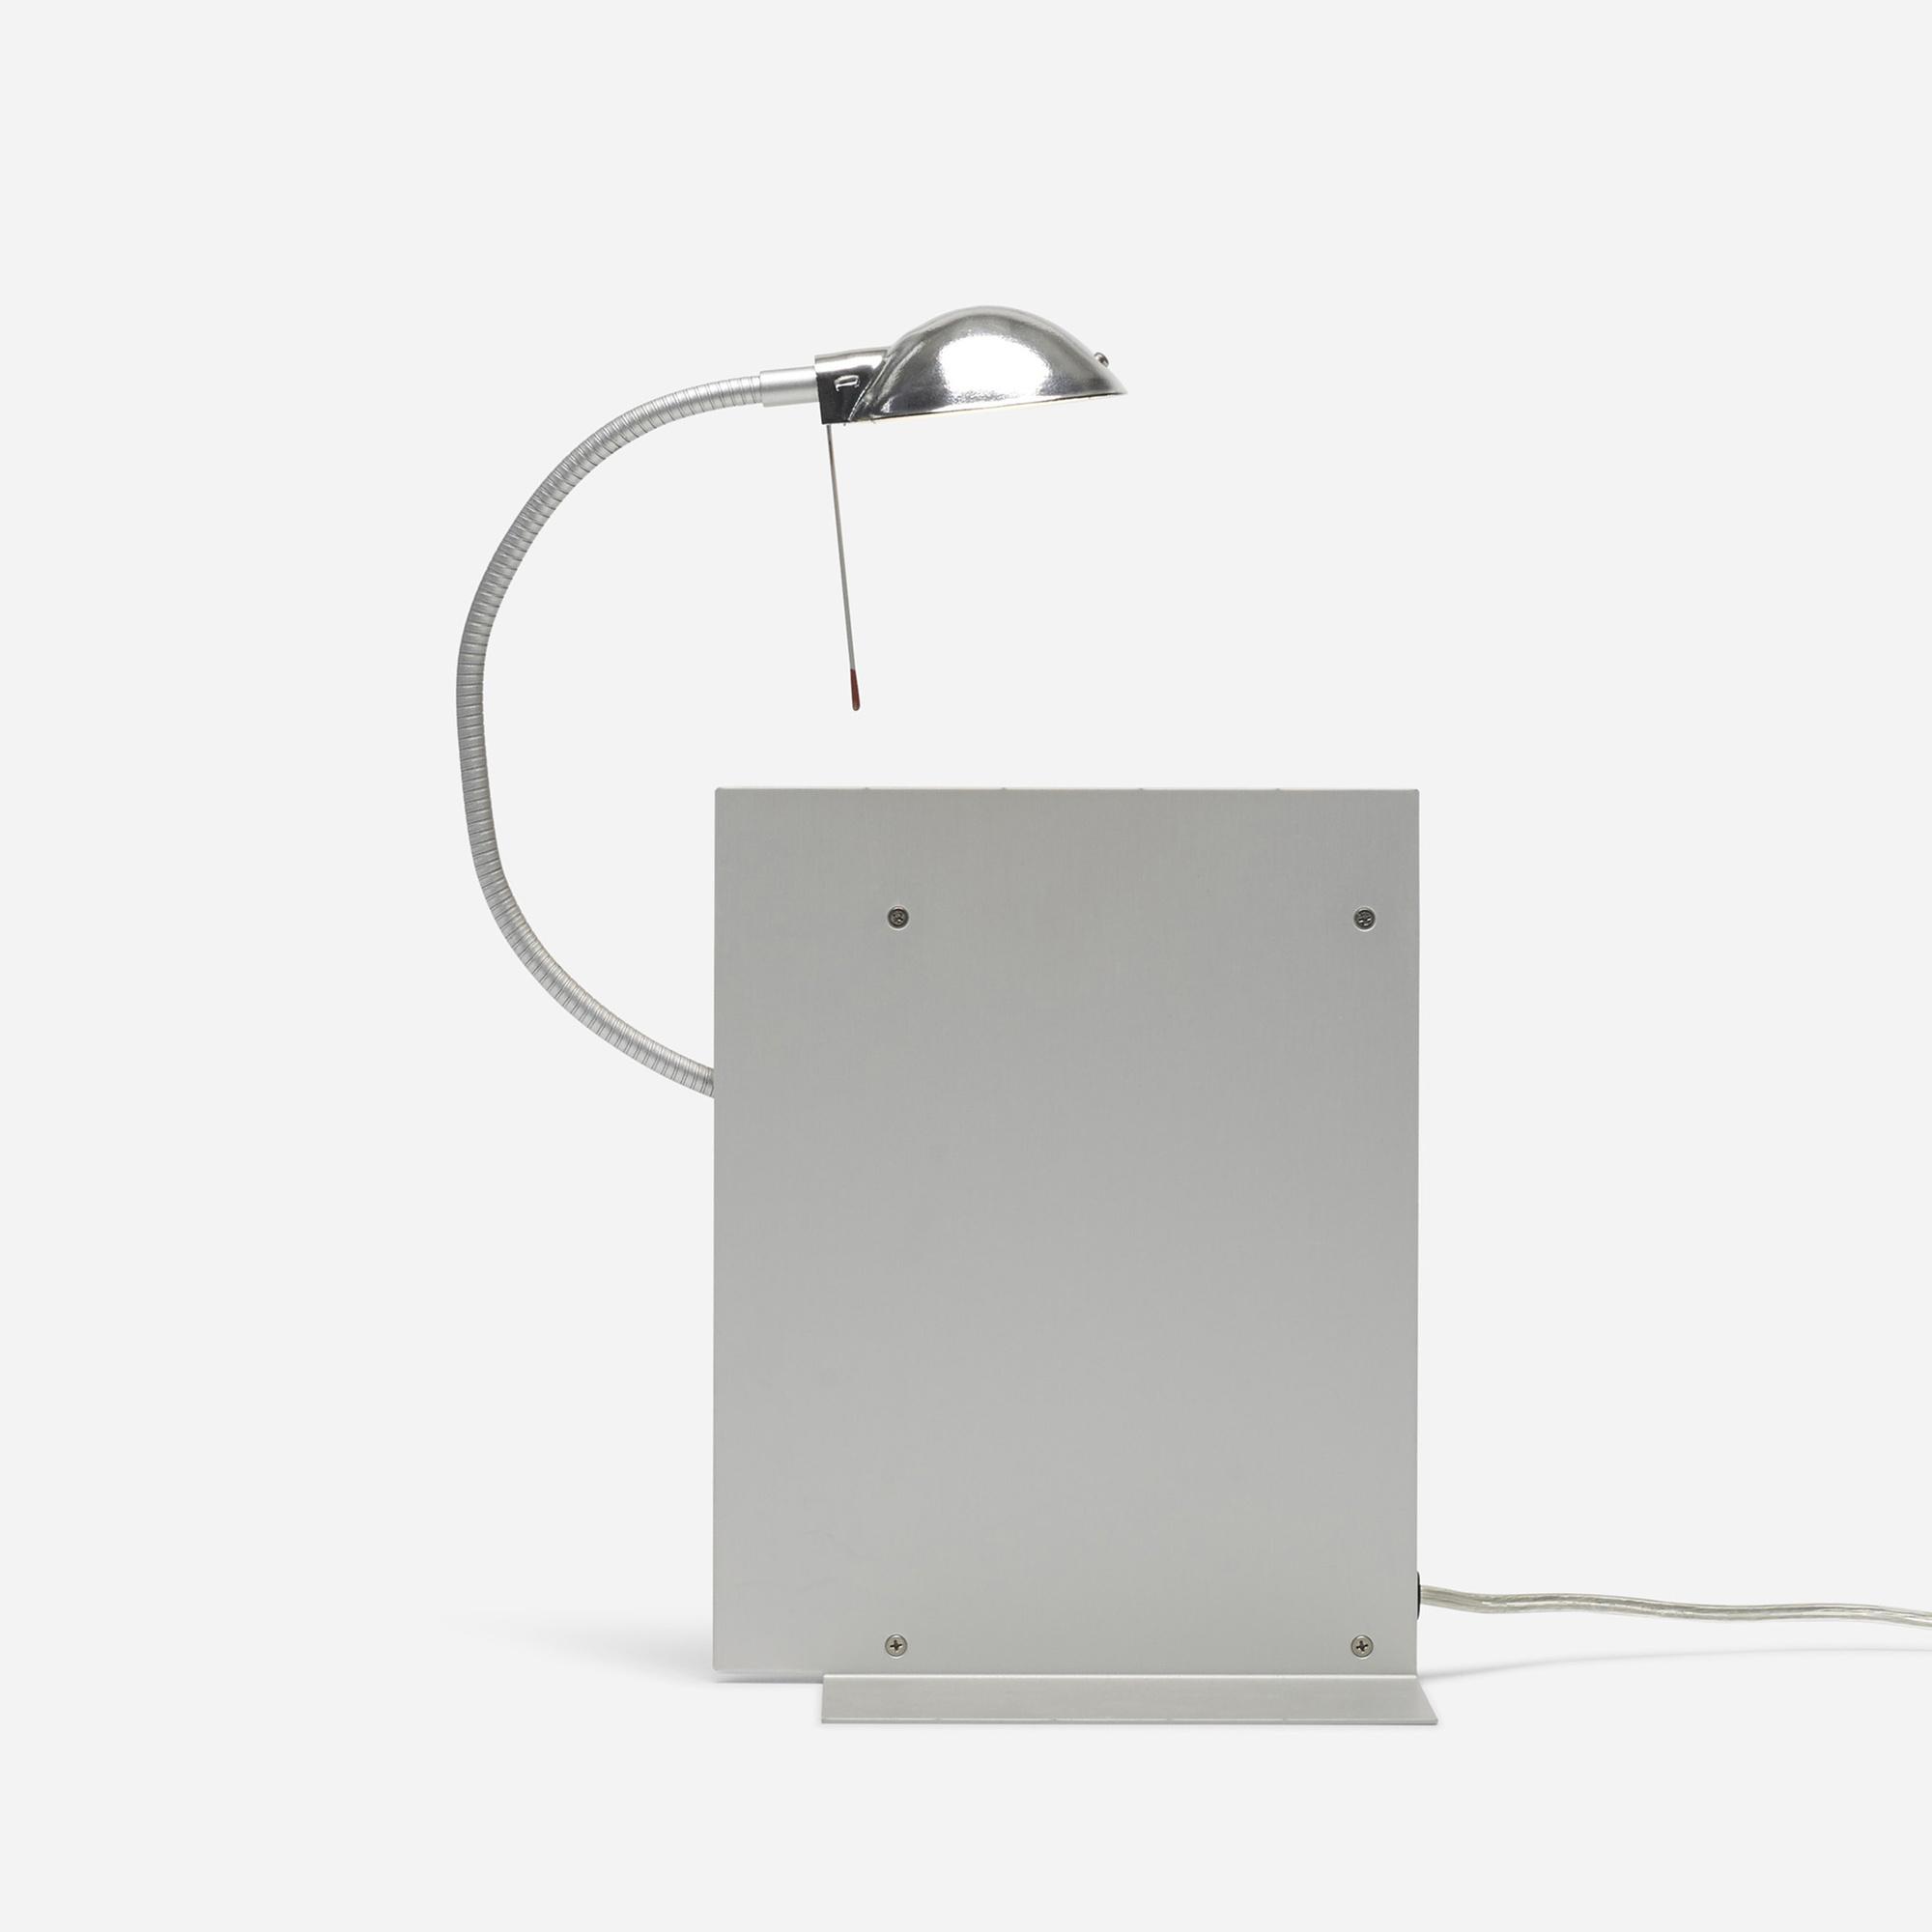 546 Ingo Maurer Oskar Bookshelf Lamp 1 Of